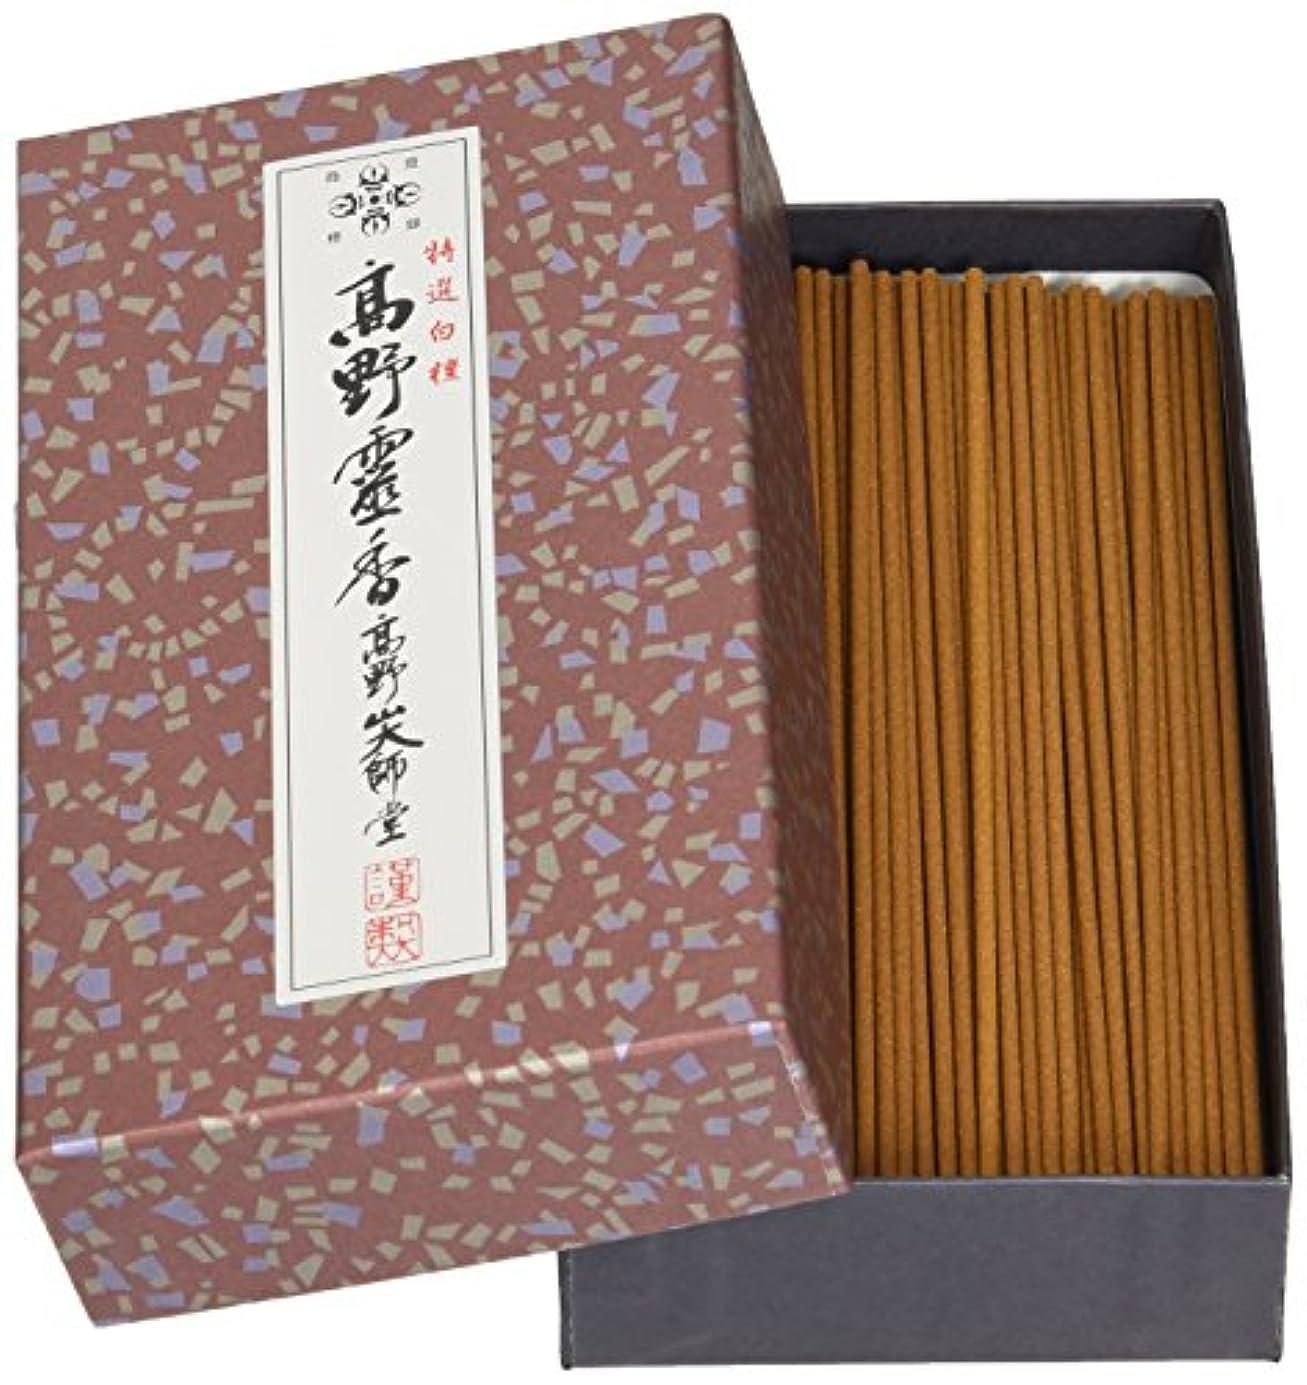 シフト蒸留するアテンダント高野山のお線香 特選白檀高野霊香 5寸13cm 大箱